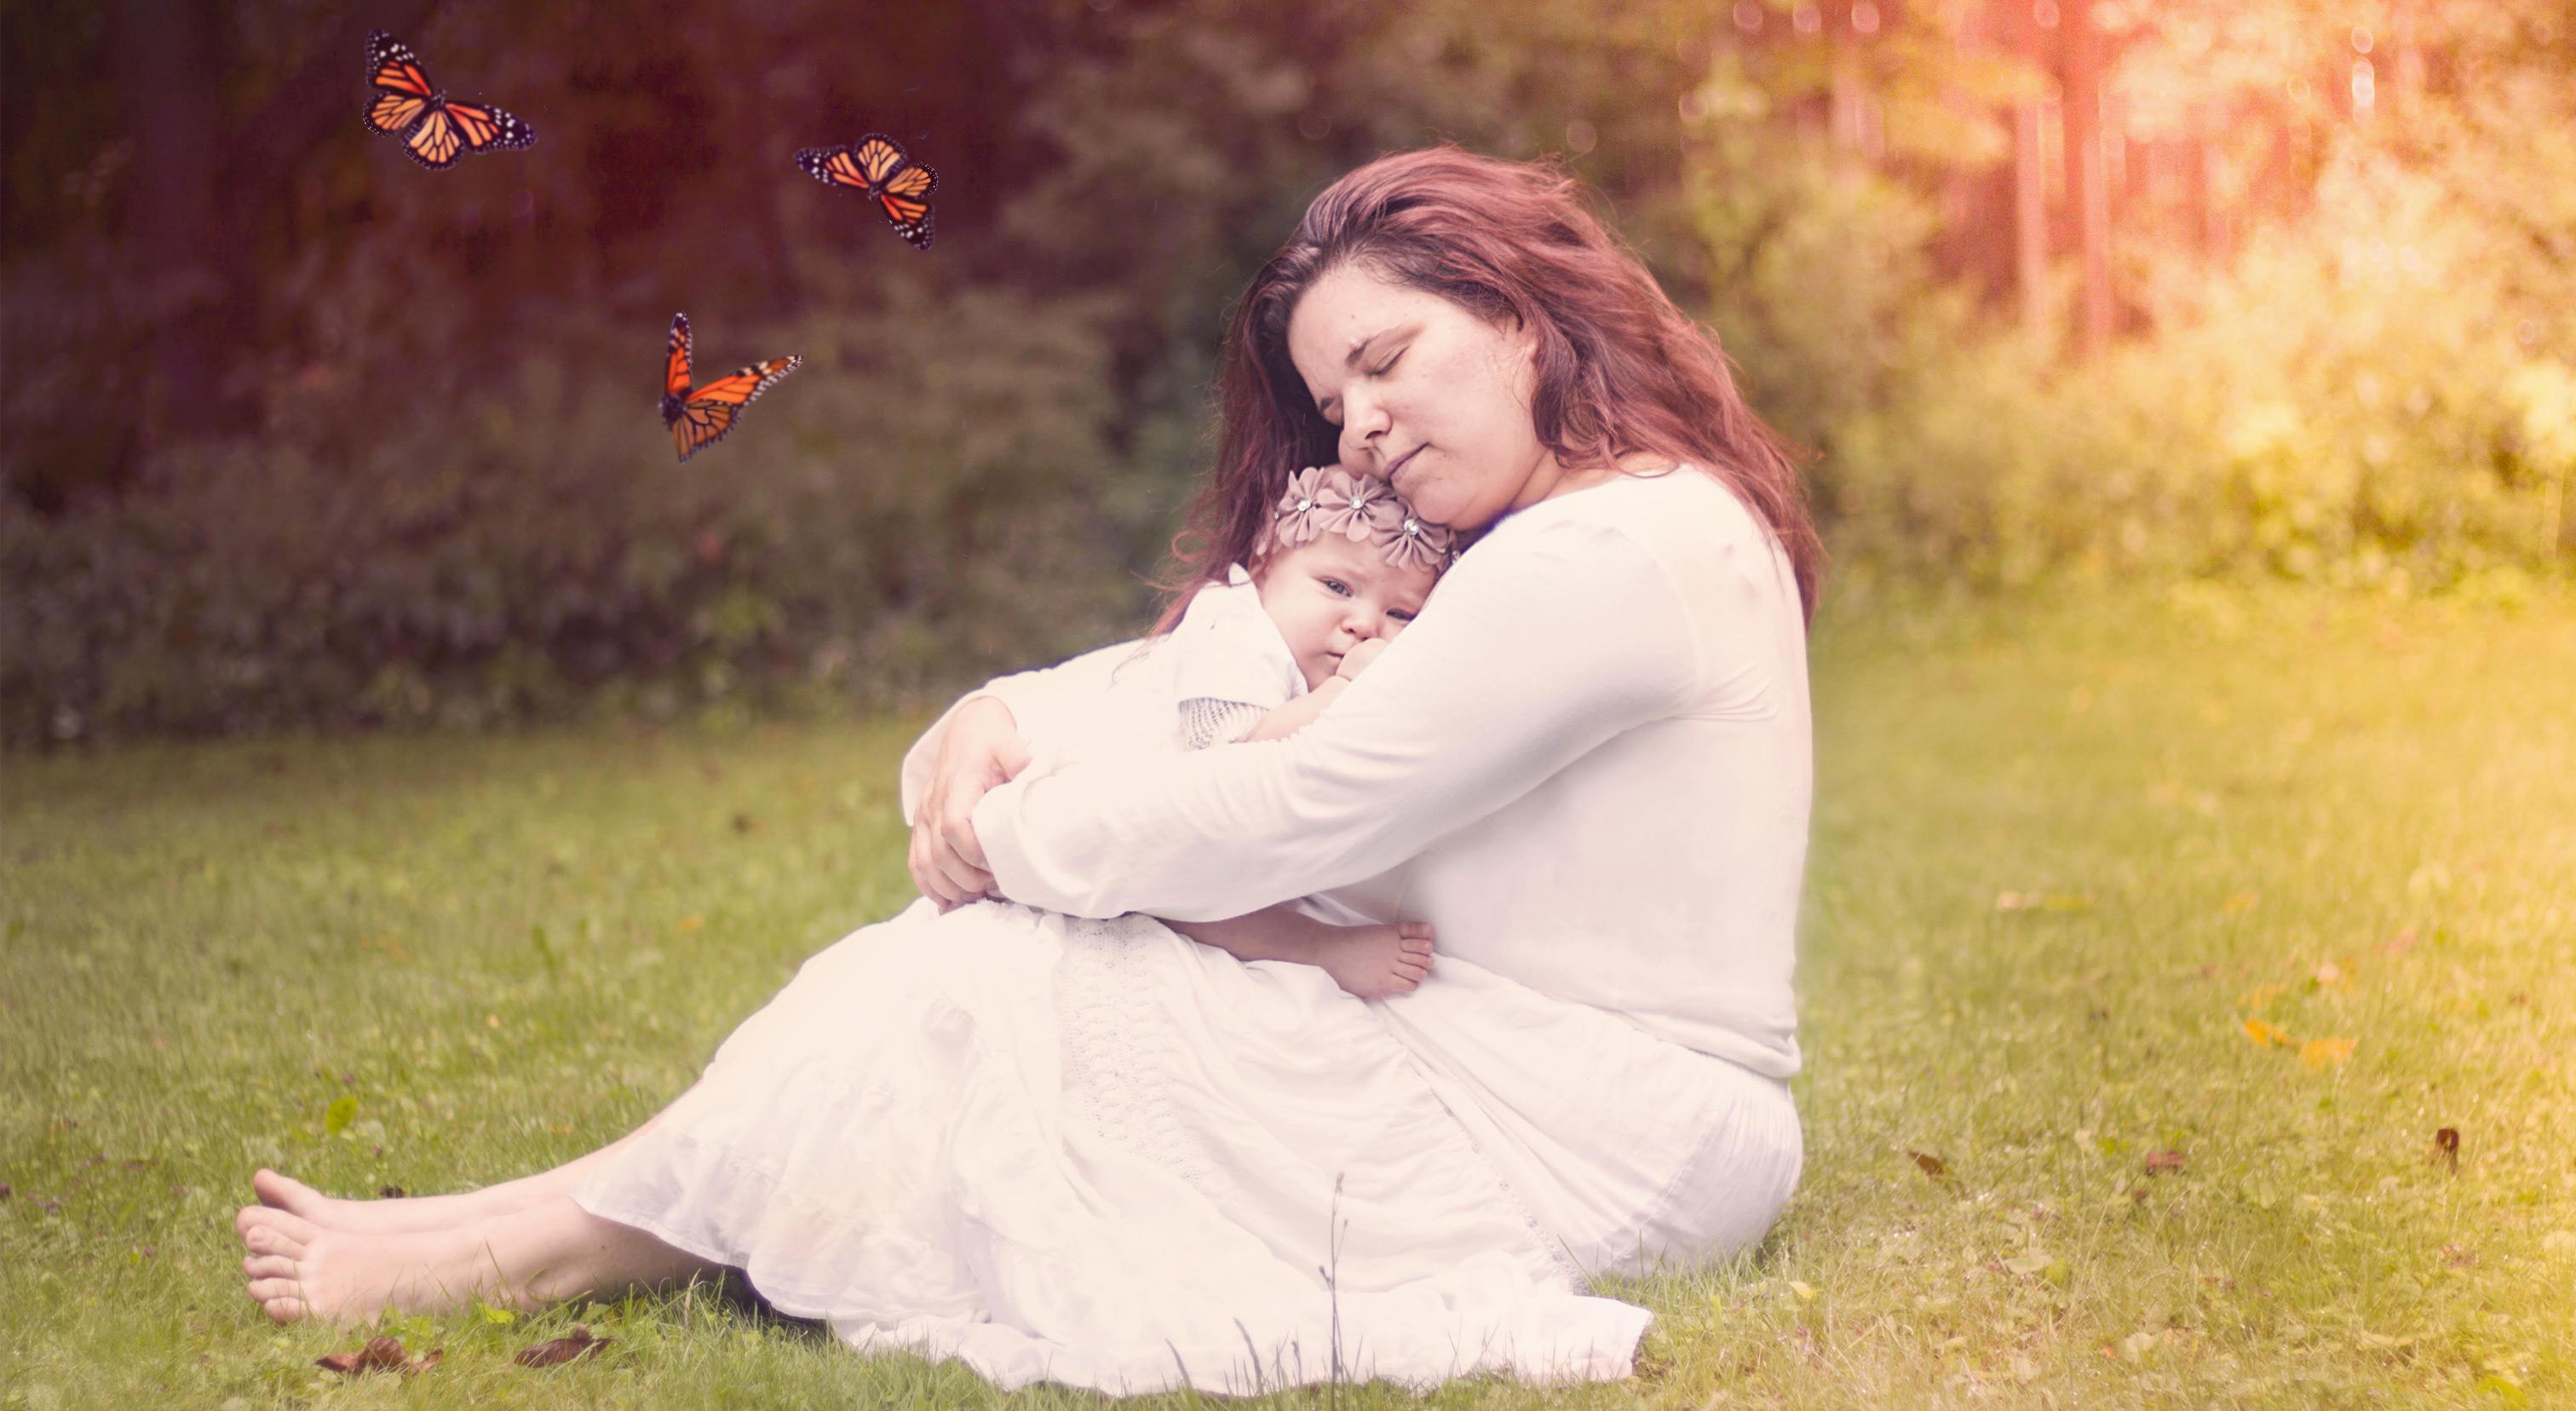 L'allaitement de la leucémie au cancer du sein ; Jusqu'à la dernière goutte (part 1 de 2) | Sparks and Bloom